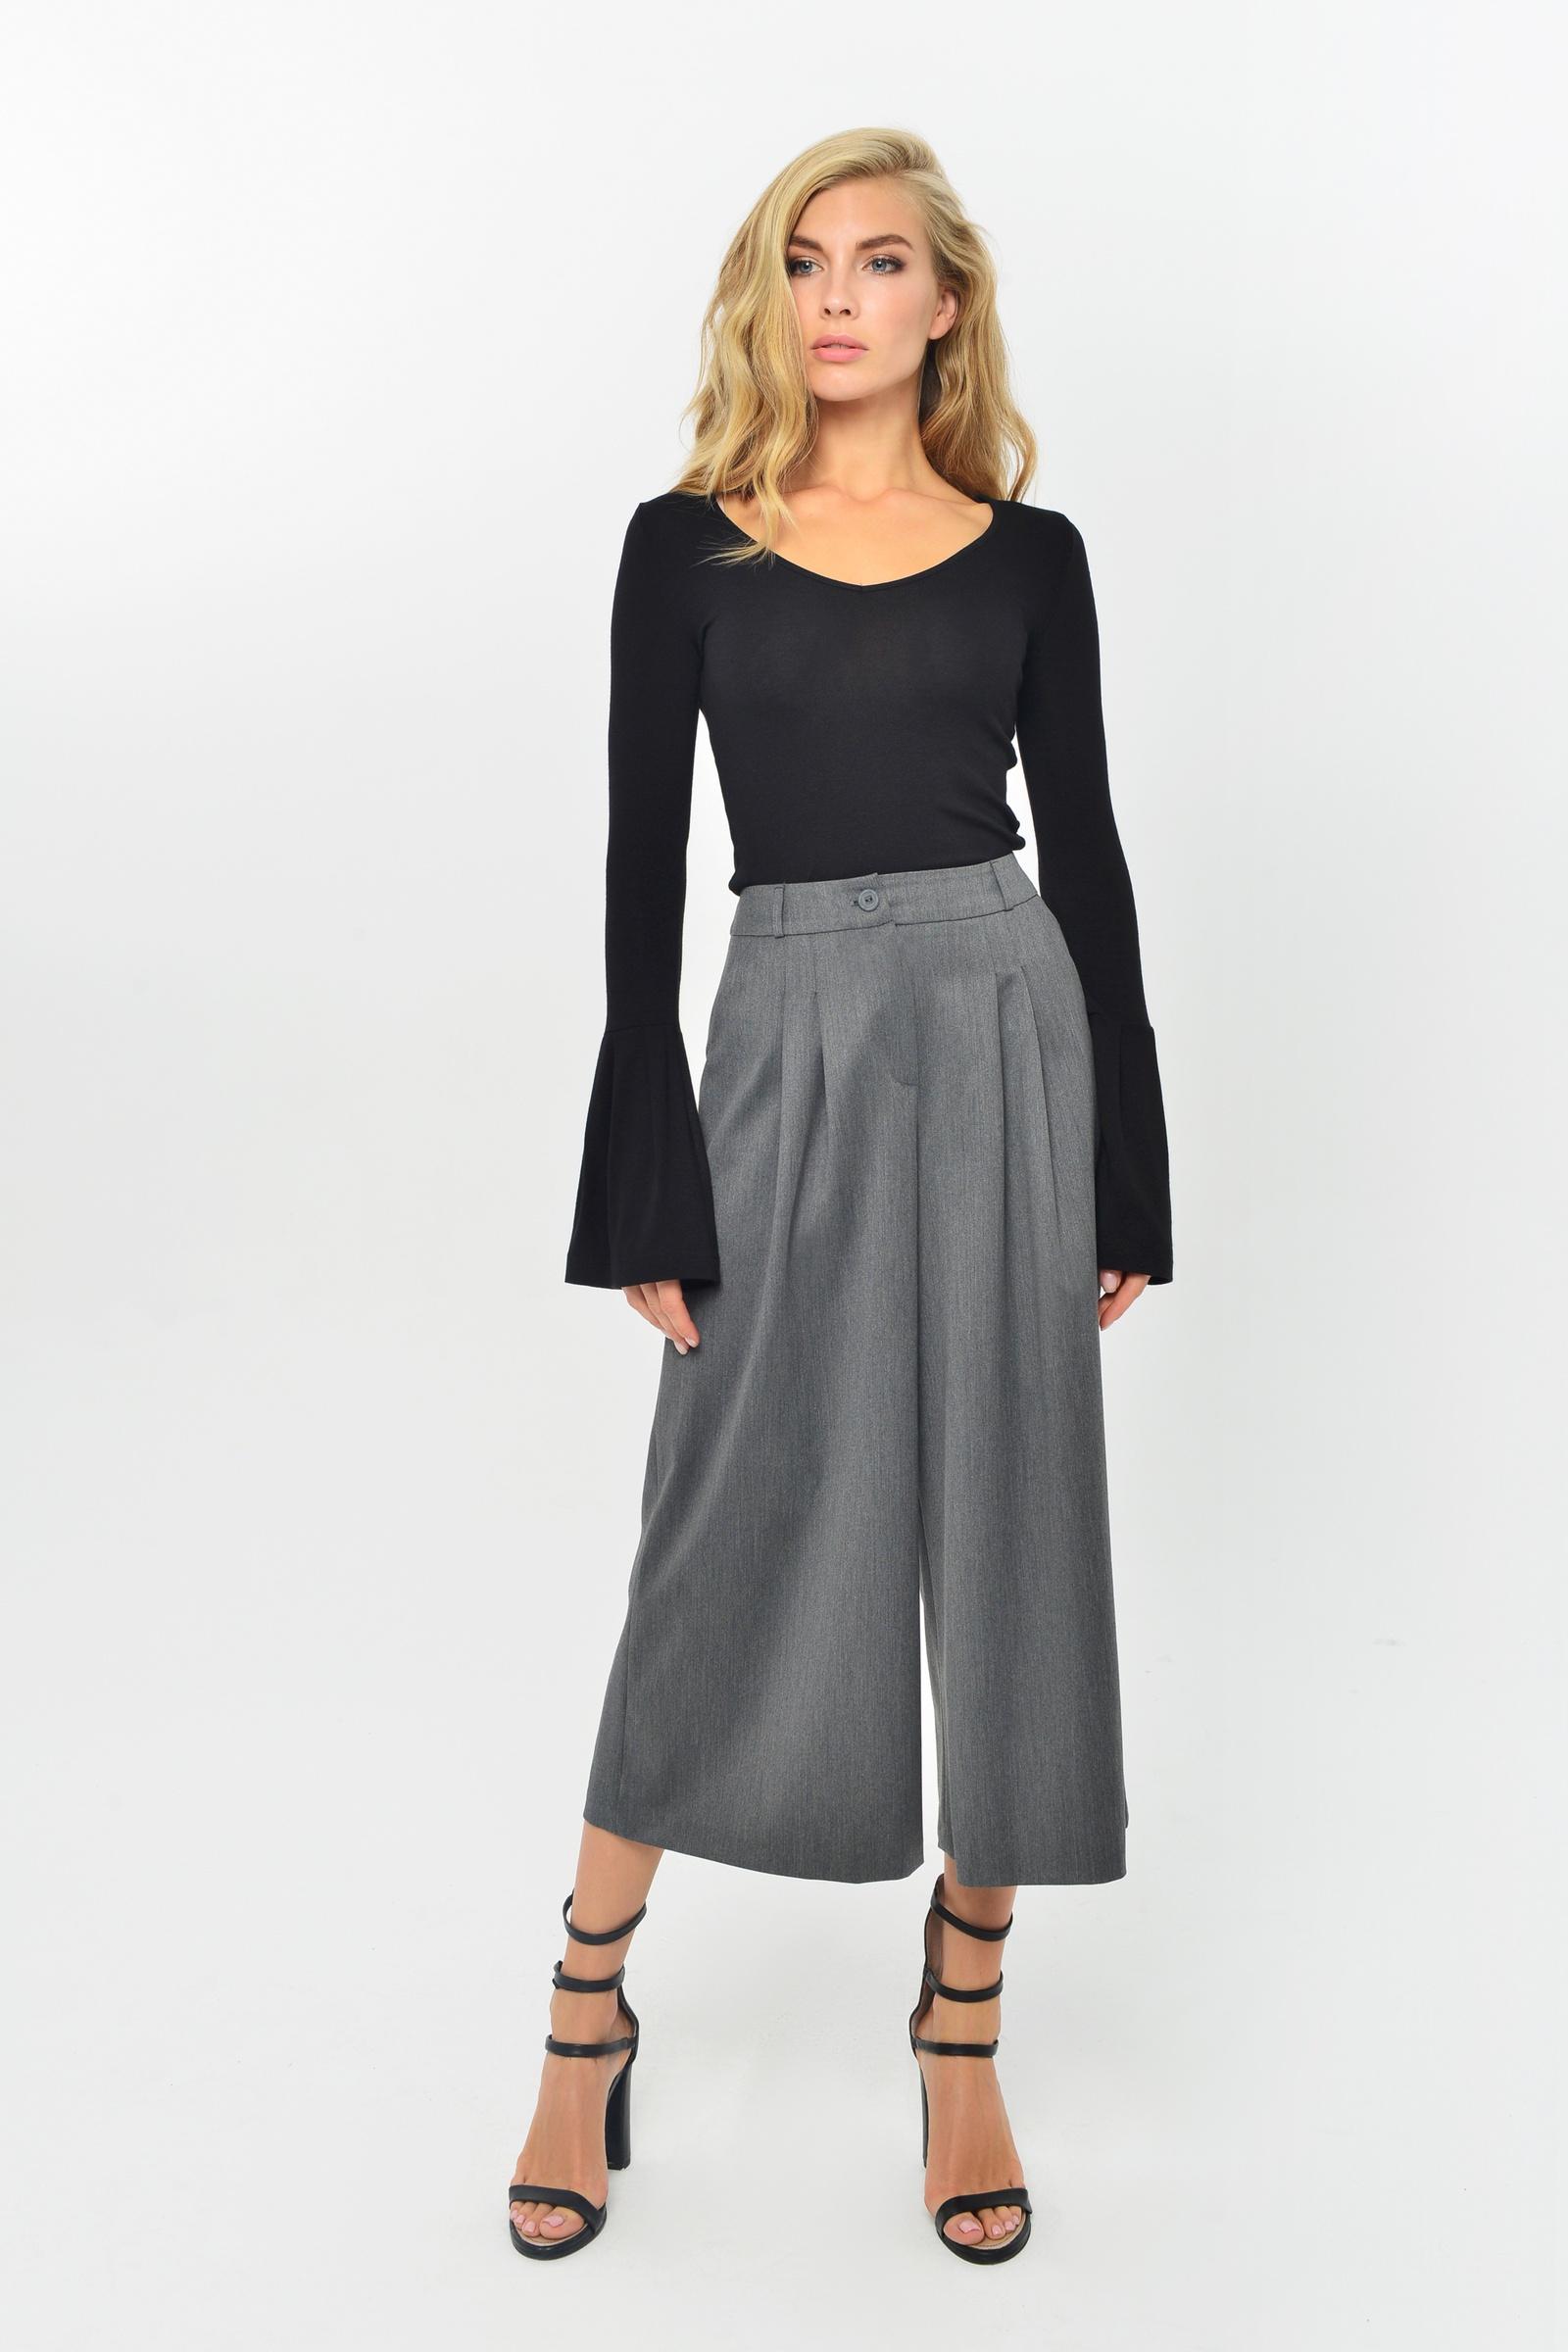 Брюки Mondigo брюки женские asics tailored pant цвет черный 2032a293 001 размер l 48 50